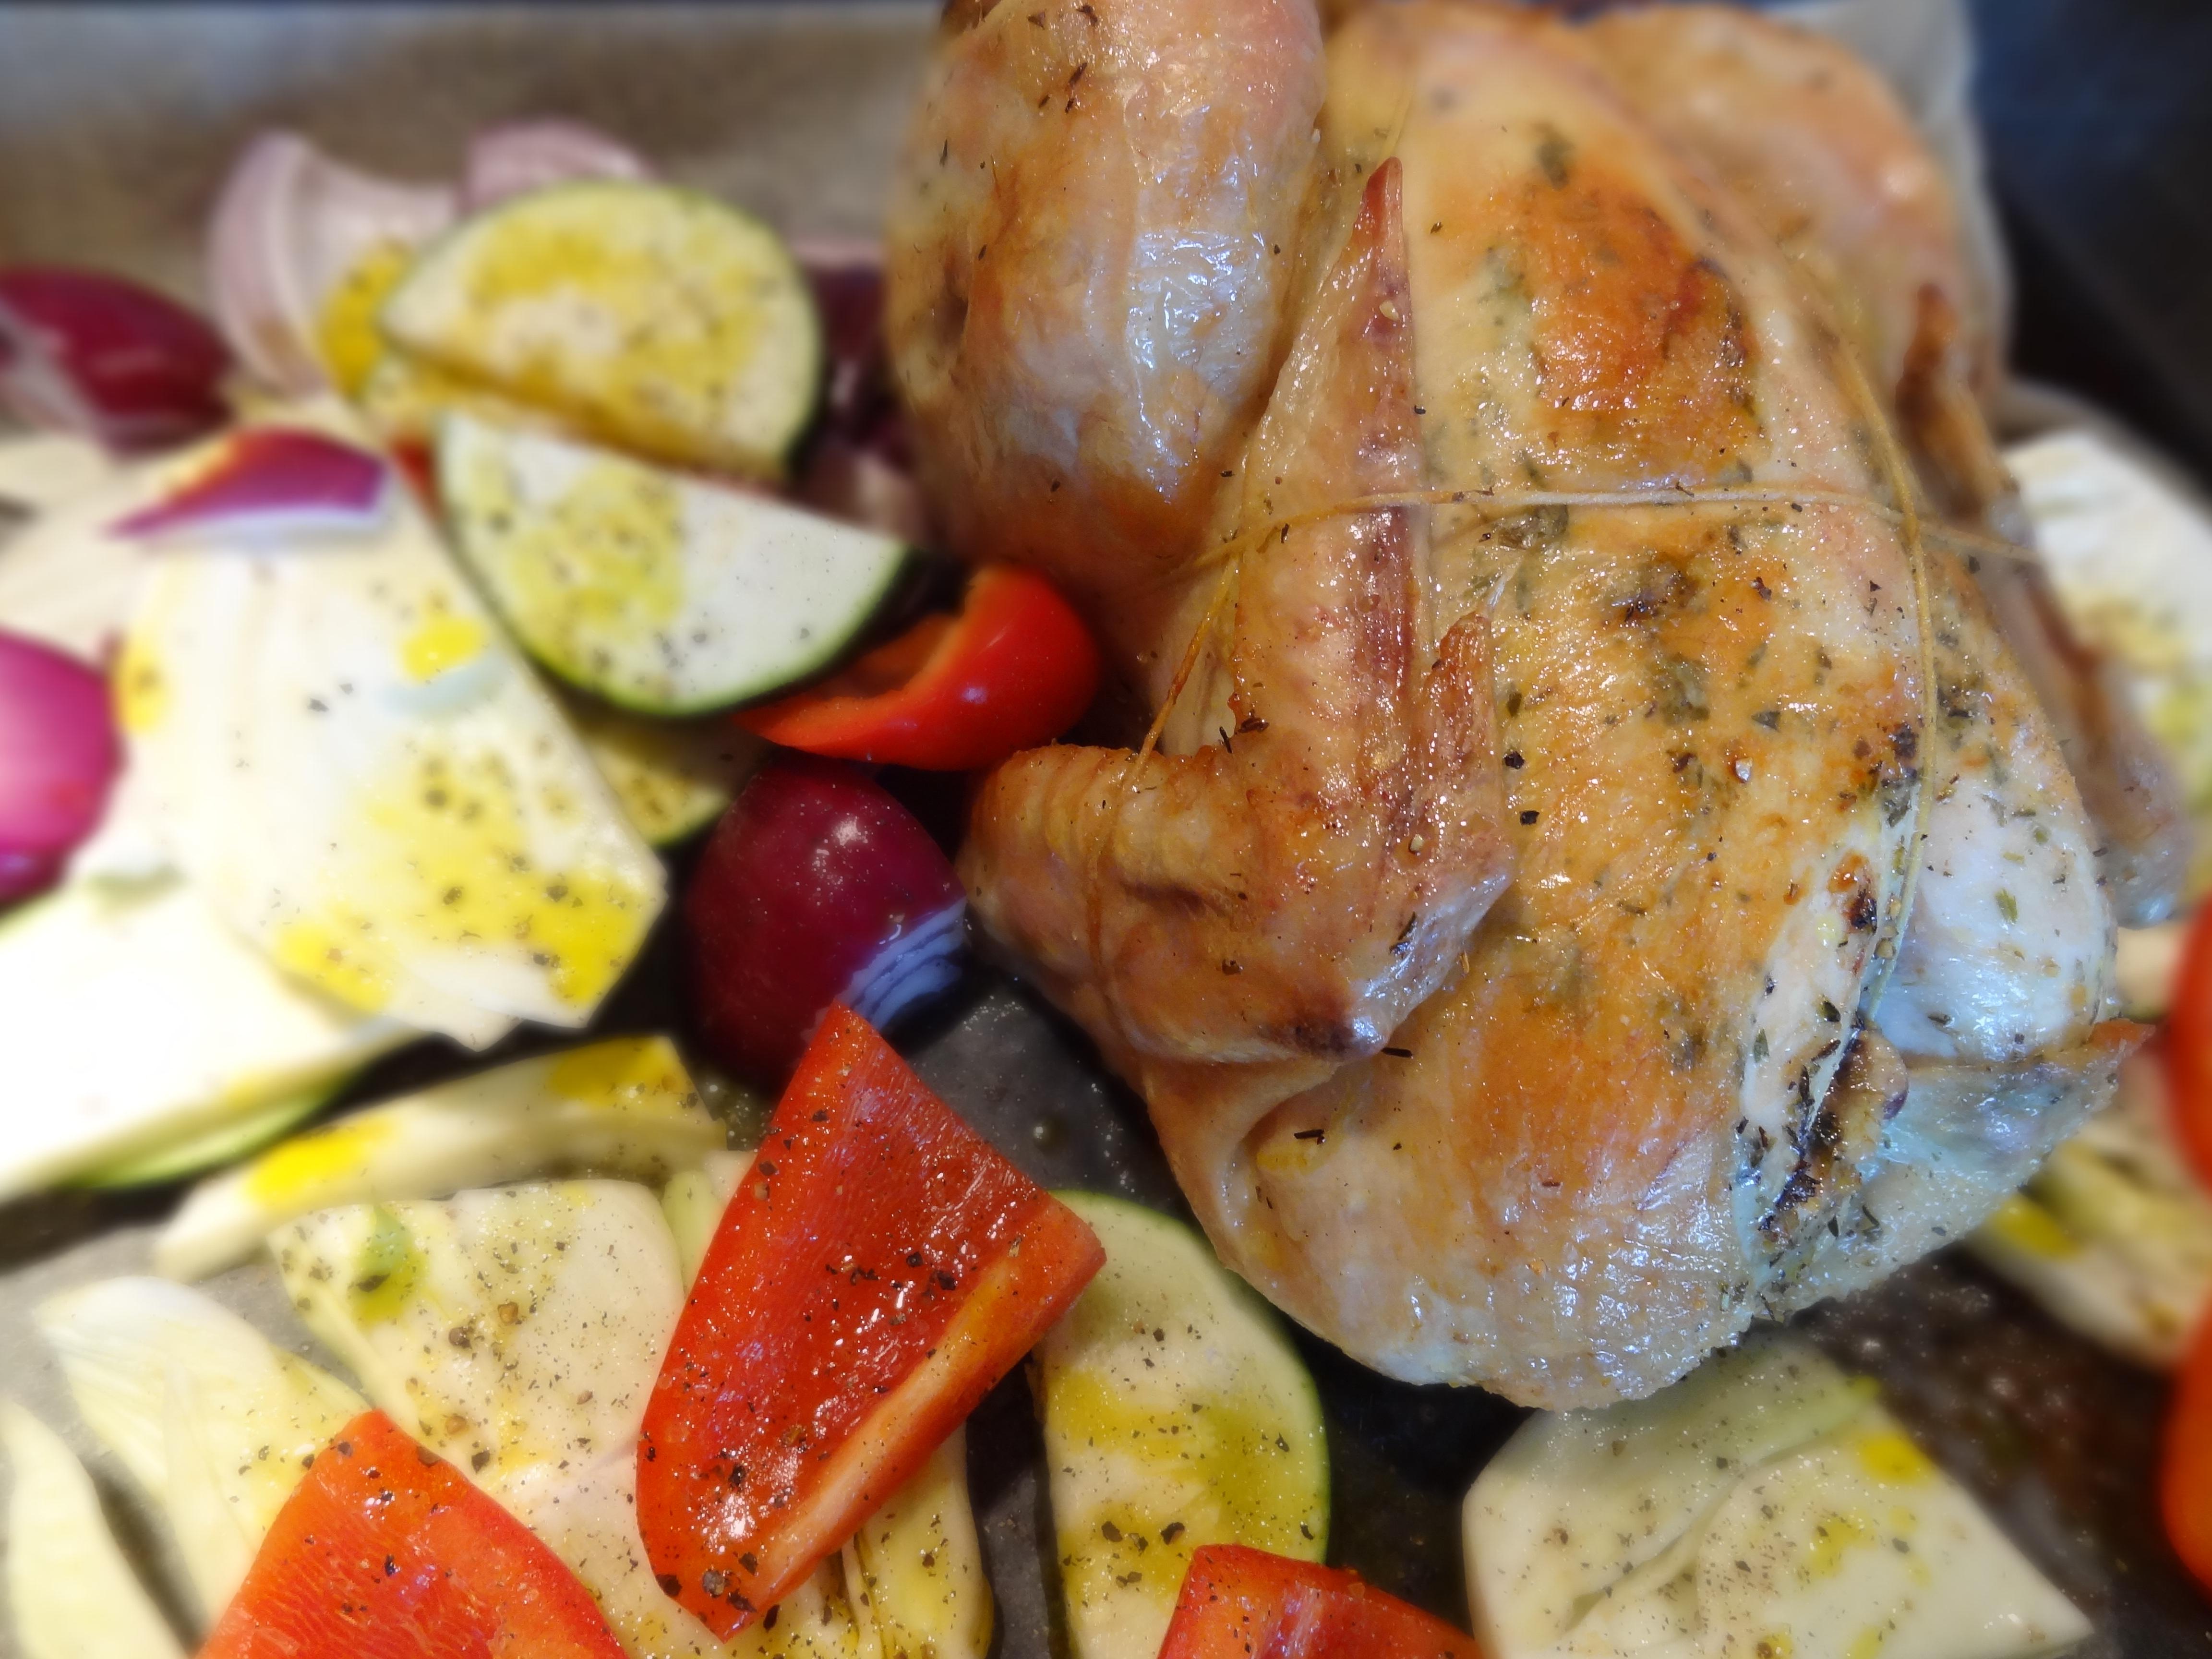 Missade att fota den färdiga rätten, vi hade för bråttom att hugga in då... :) Här är i alla fall halvvägs i koktiden för kycklingen, då grönsakerna också ska åka med in i ugnen.